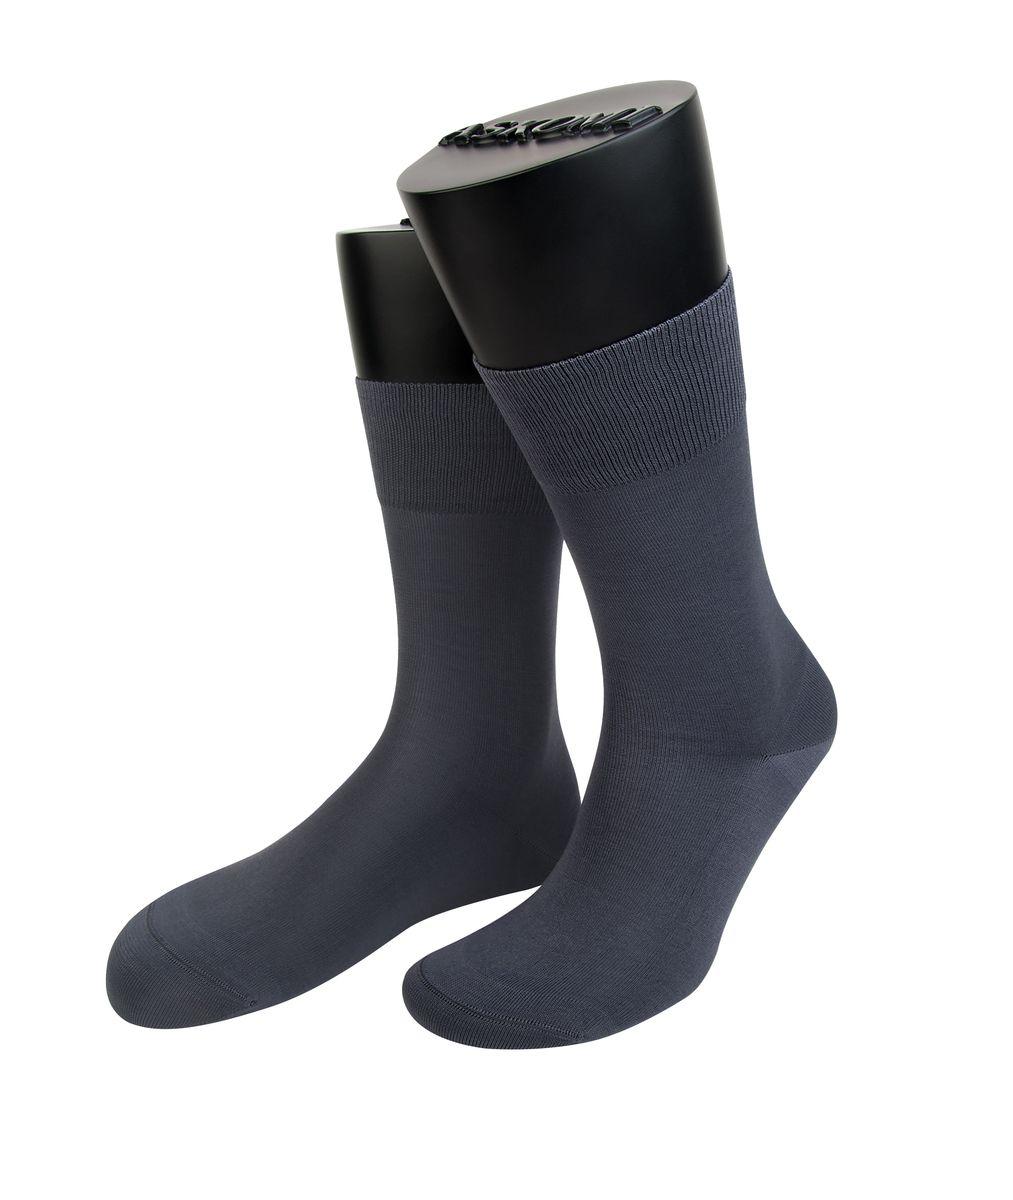 НоскиАМ-7150_8101Мужские носки Askomi Classic для повседневной носки выполнены из мерсеризованного хлопка Pima. Использована двойная плотная нить, благодаря чему носок приобретает эластичность без добавления синтетических нитей. Носок и пятка укреплены, что значительно увеличивает износостойкость носков. Двойной борт для плотной фиксации не пережимает сосуды. Кеттельный шов не ощутим для ноги.